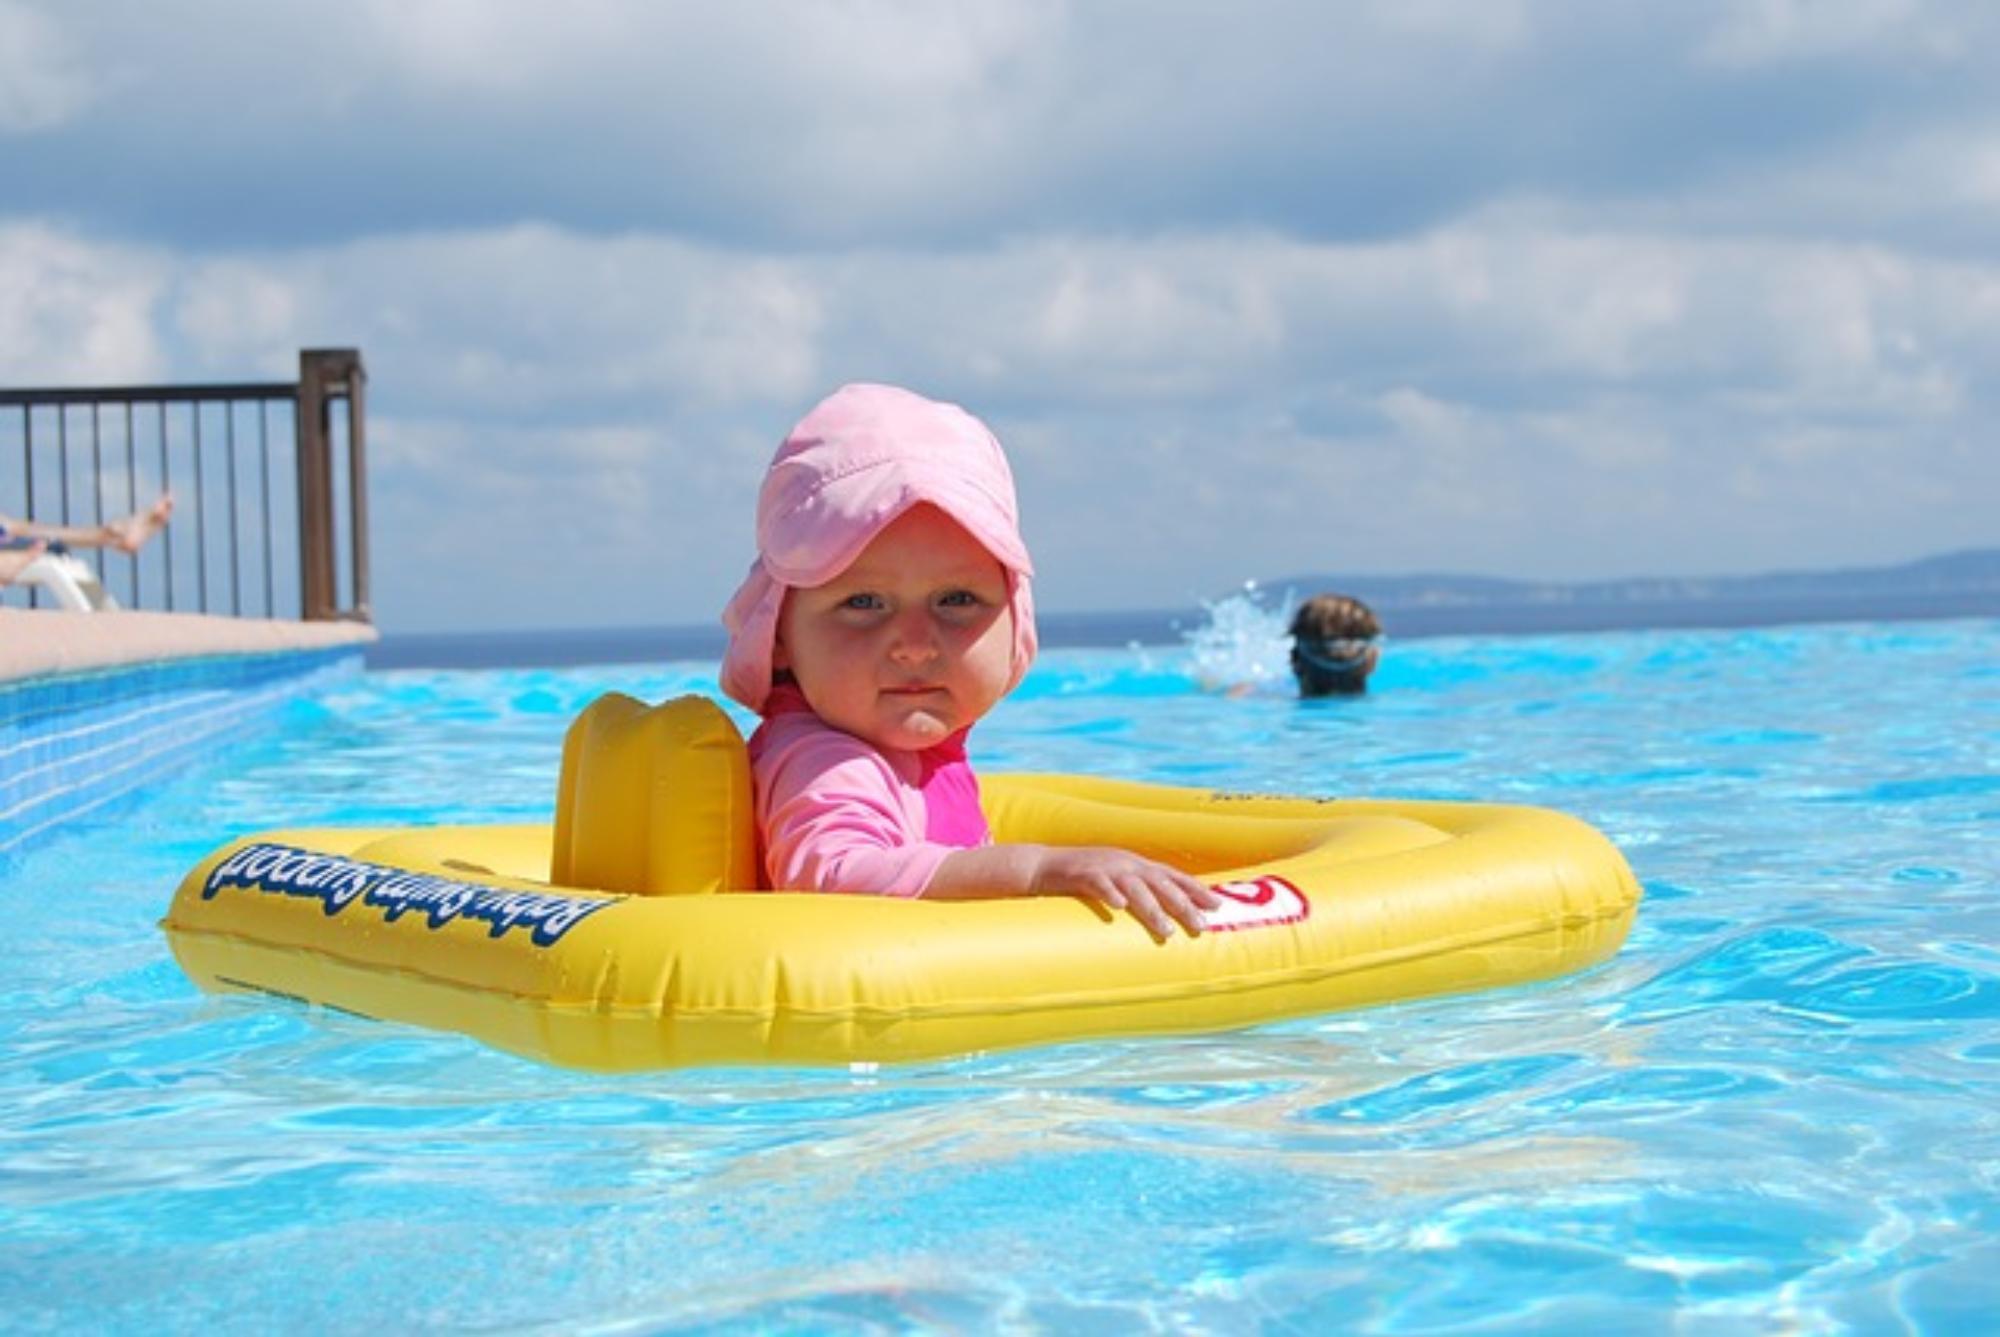 Zajęcia na basenie z dzieckiem. Czy warto?